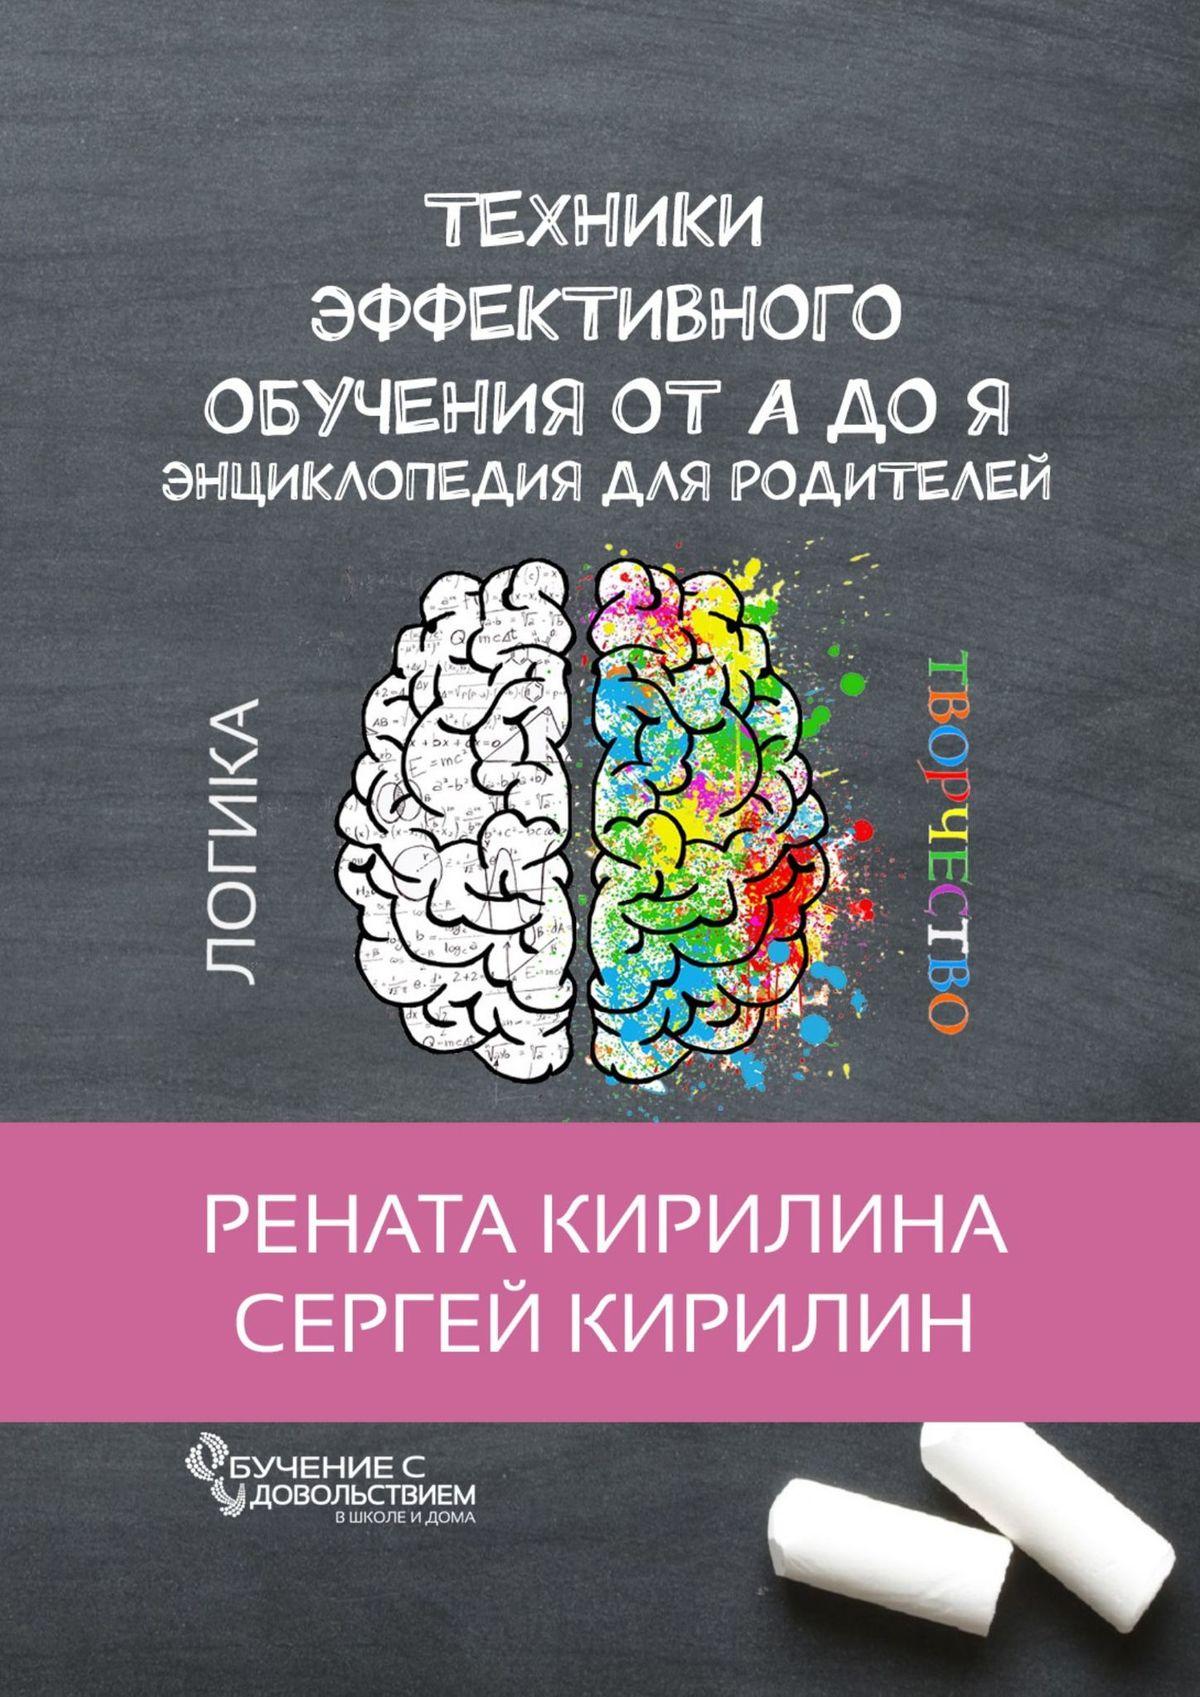 Техники эффективного обучения отАдоЯ. Энциклопедия для родителей